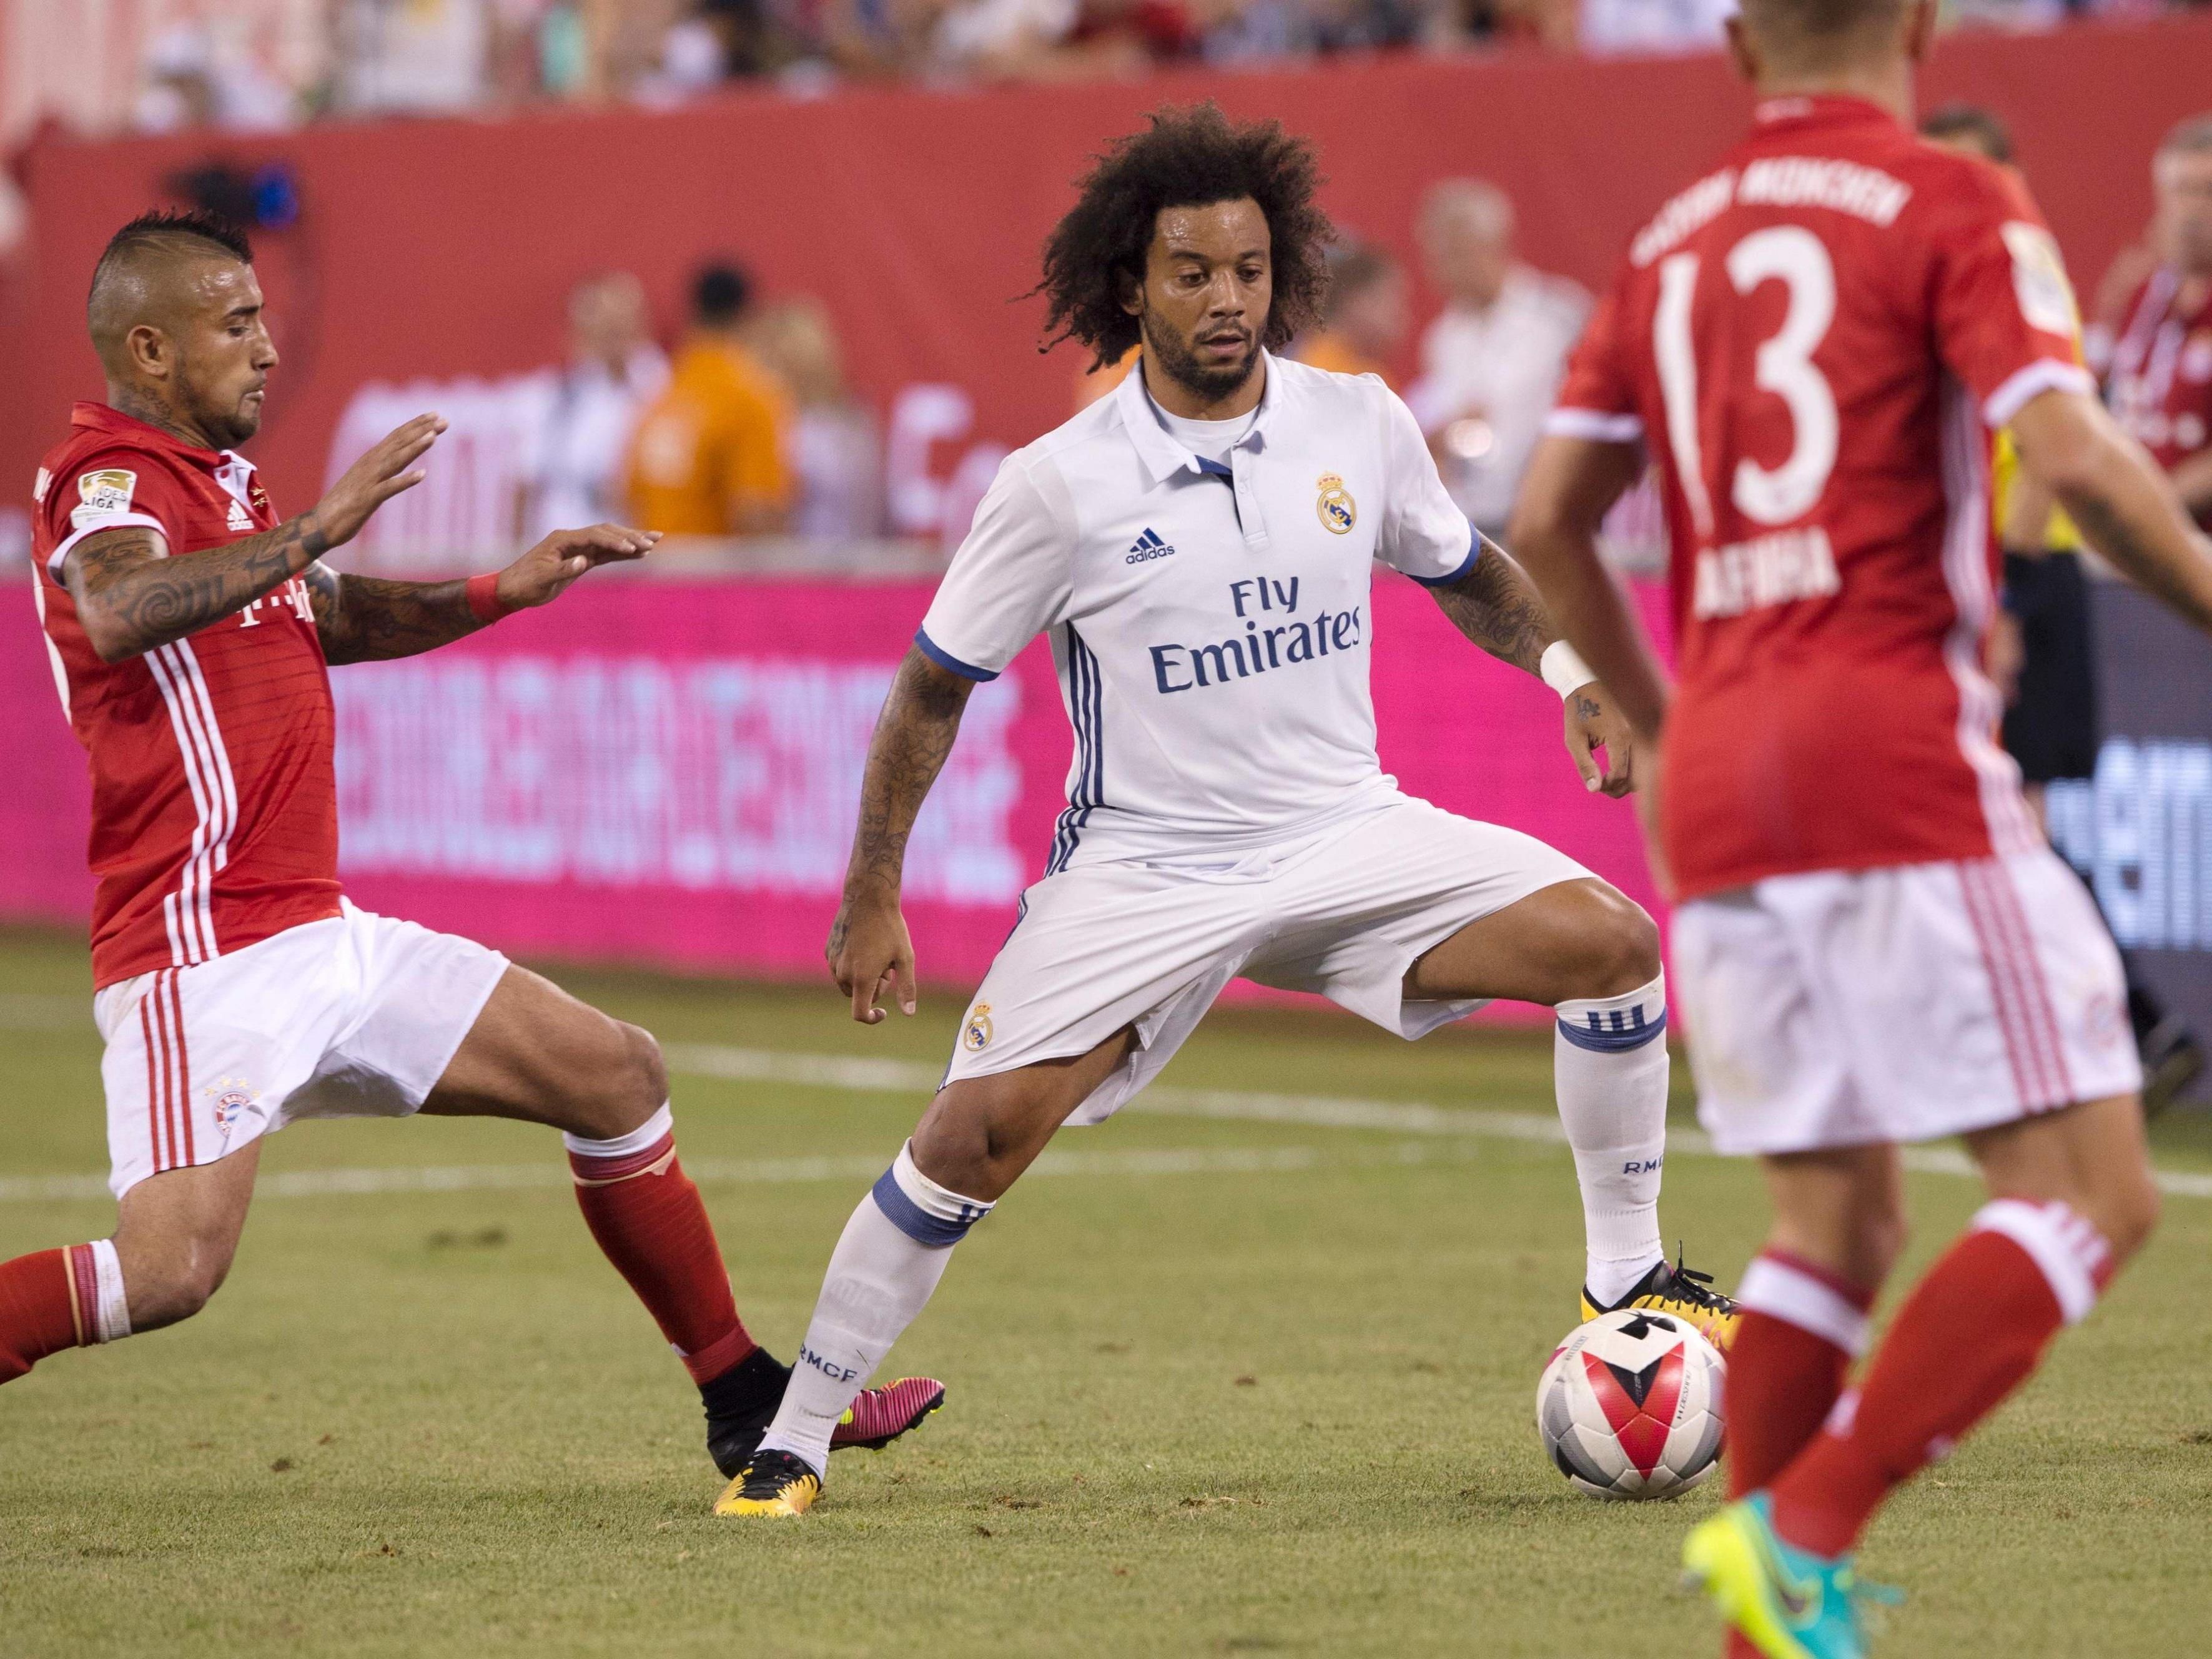 Der FC Bayern München empfängt Real Madrid im Viertelfinal-Hinspiel der Champions League.